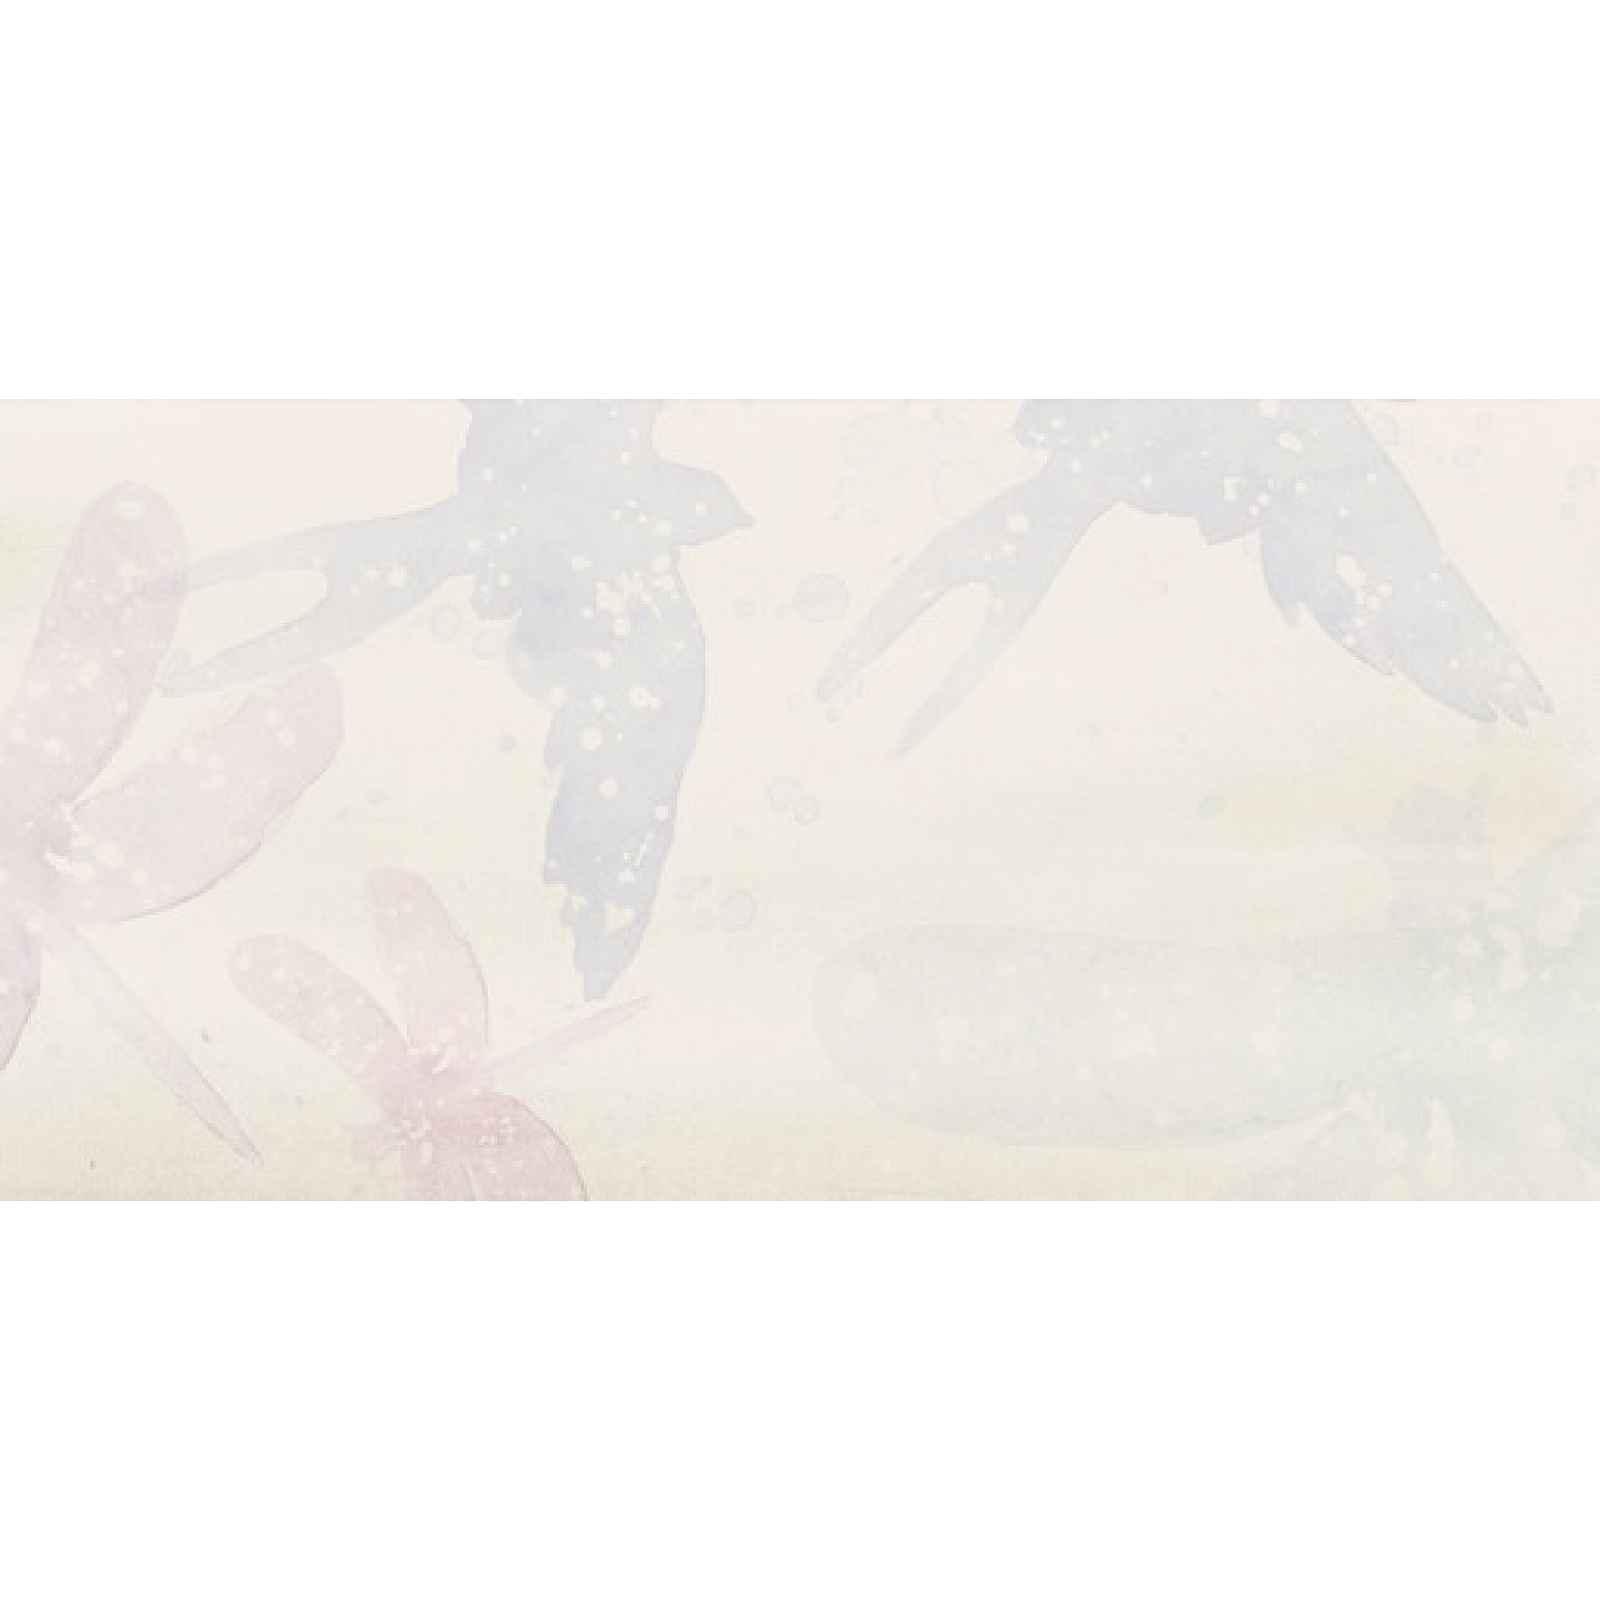 Dekor RAKO Poem světle šedá 30x60 cm lesk WADV4578.1